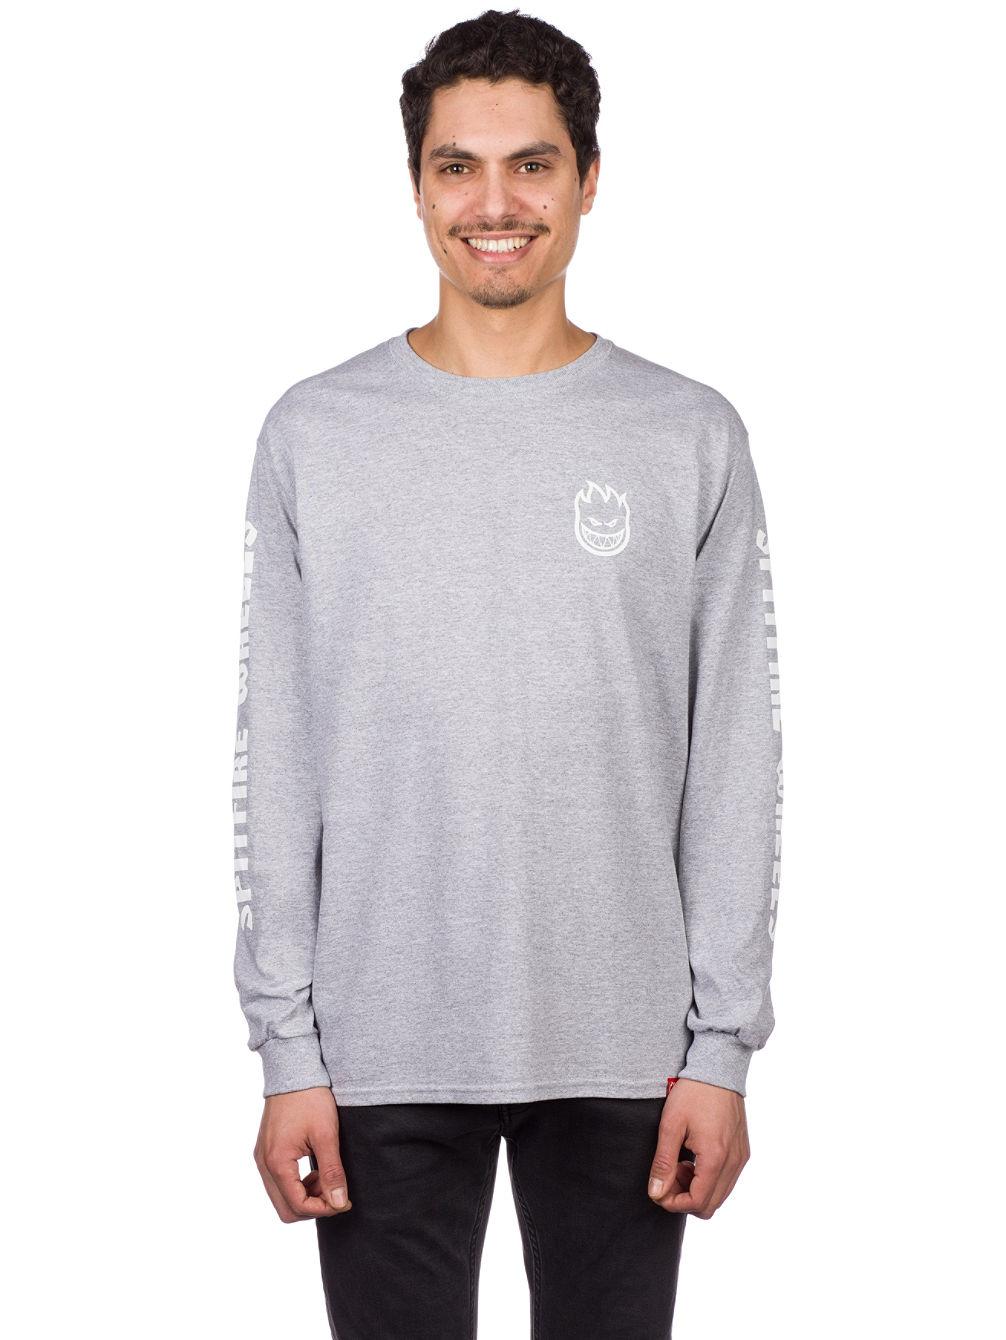 Compra Spitfire Lil Bighead Hombre Camiseta en línea en blue-tomato.com b6a091710bd54